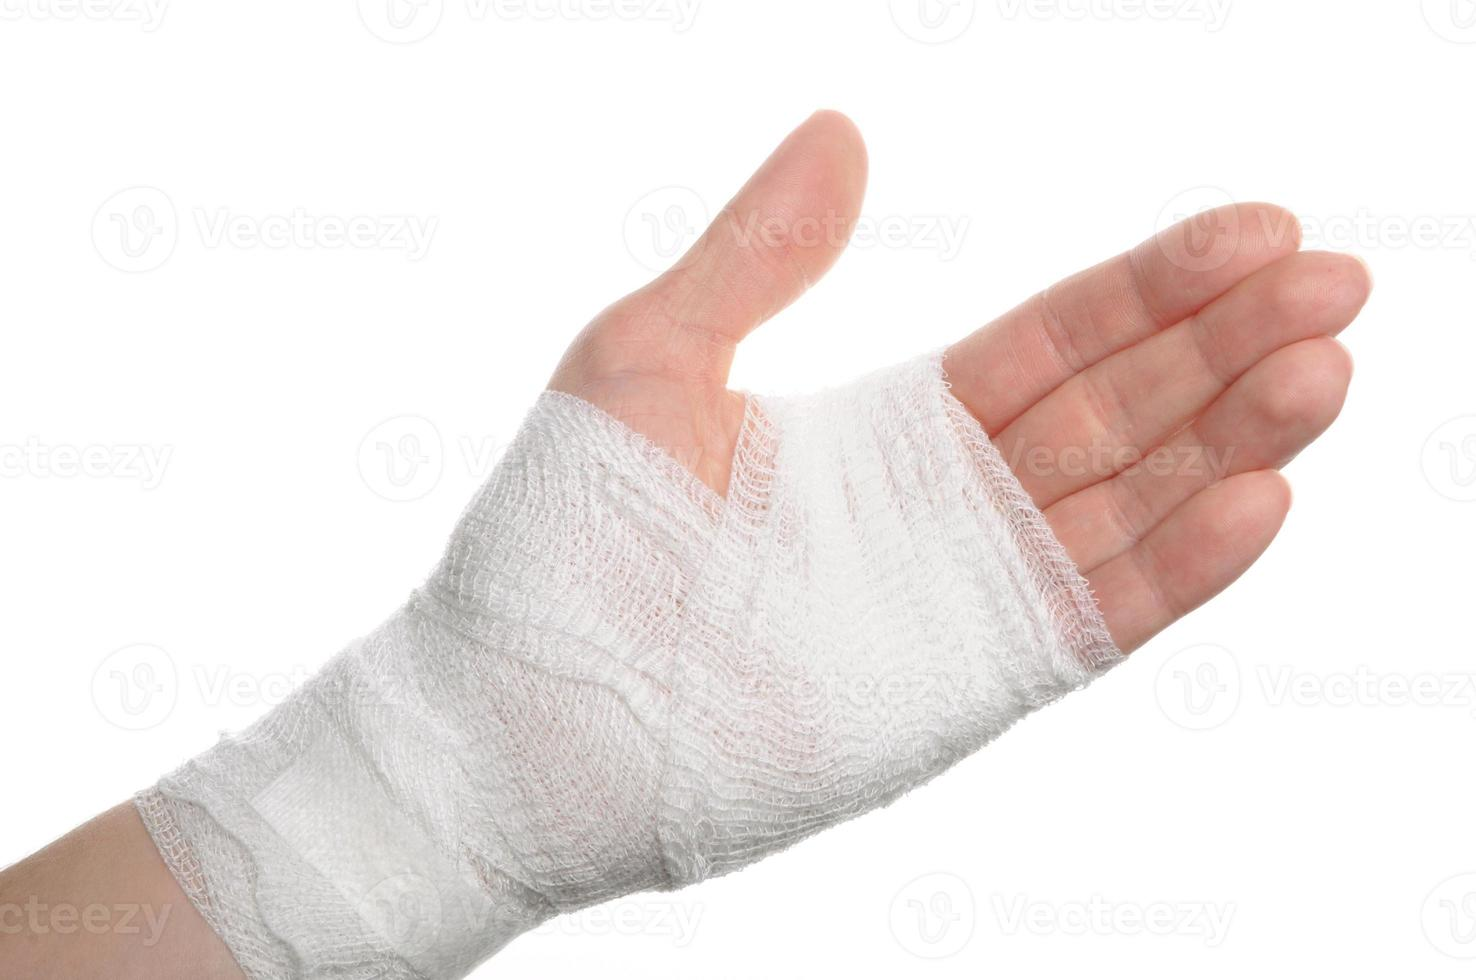 bandage on a hand photo